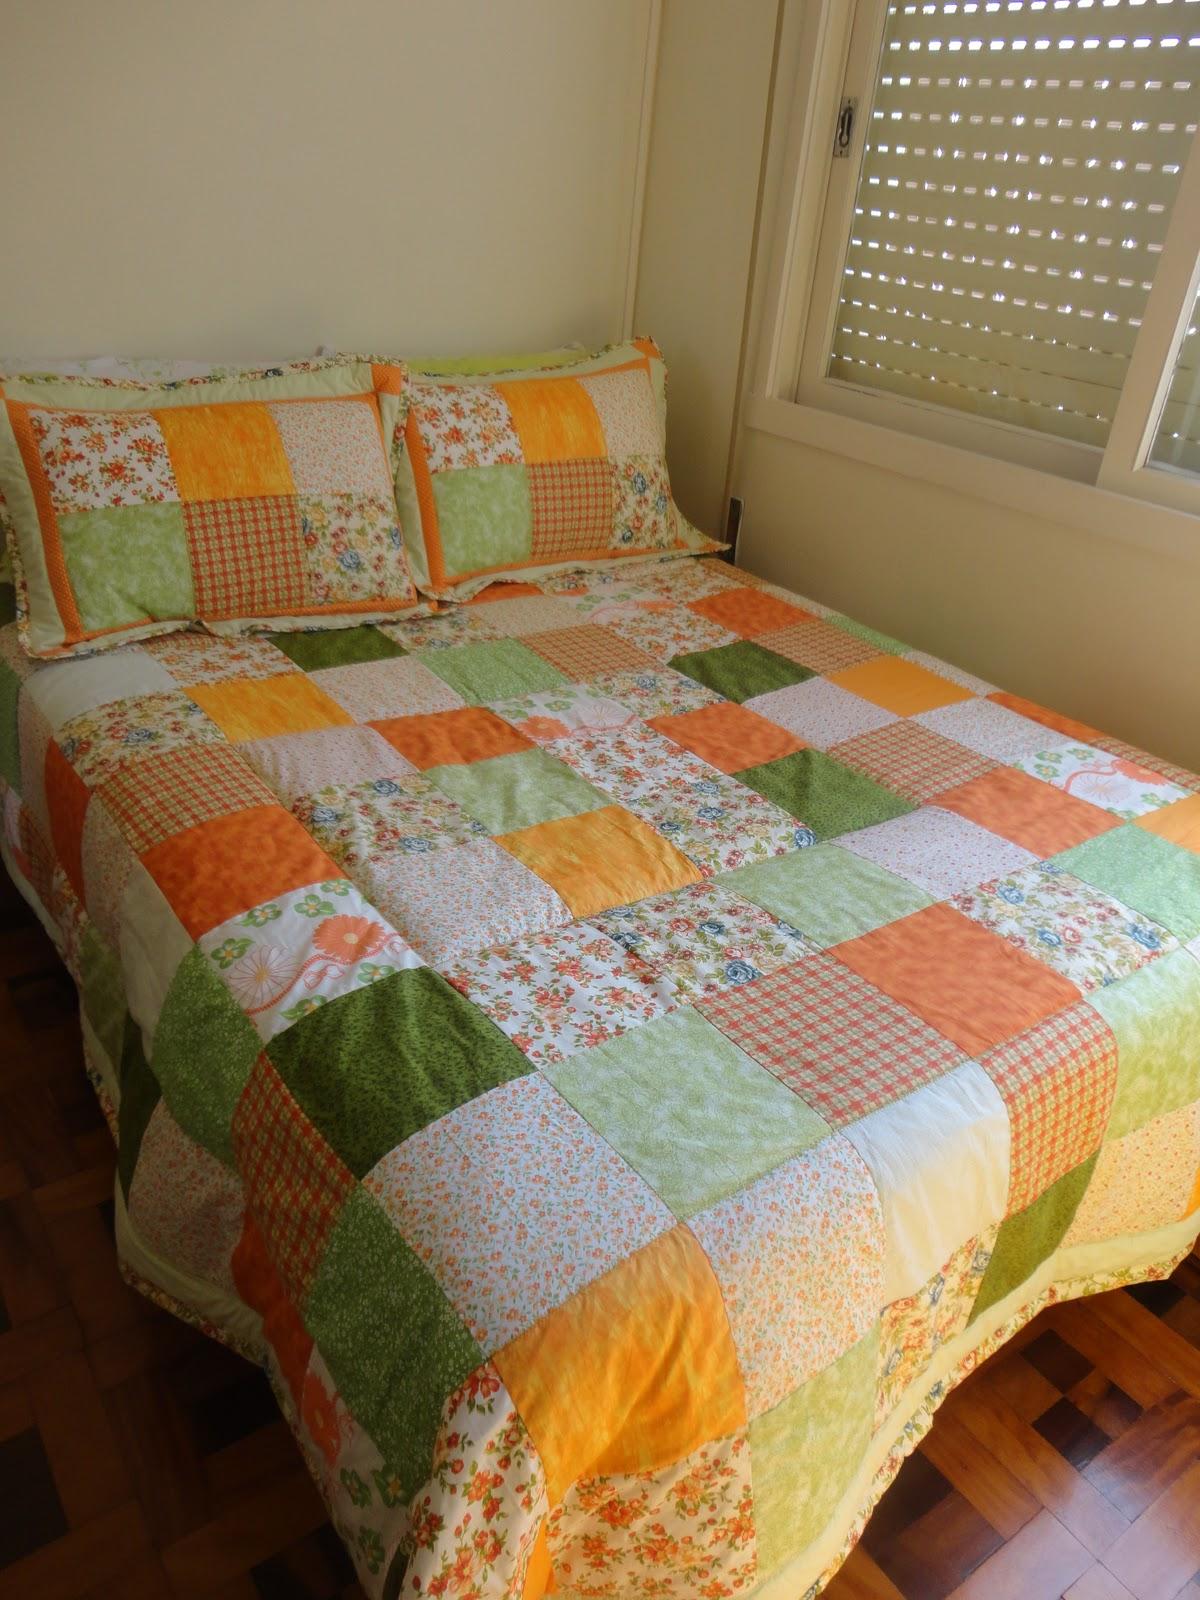 Camila kezo patchwork colcha de patchwork - Colchas de patchwork modernas ...